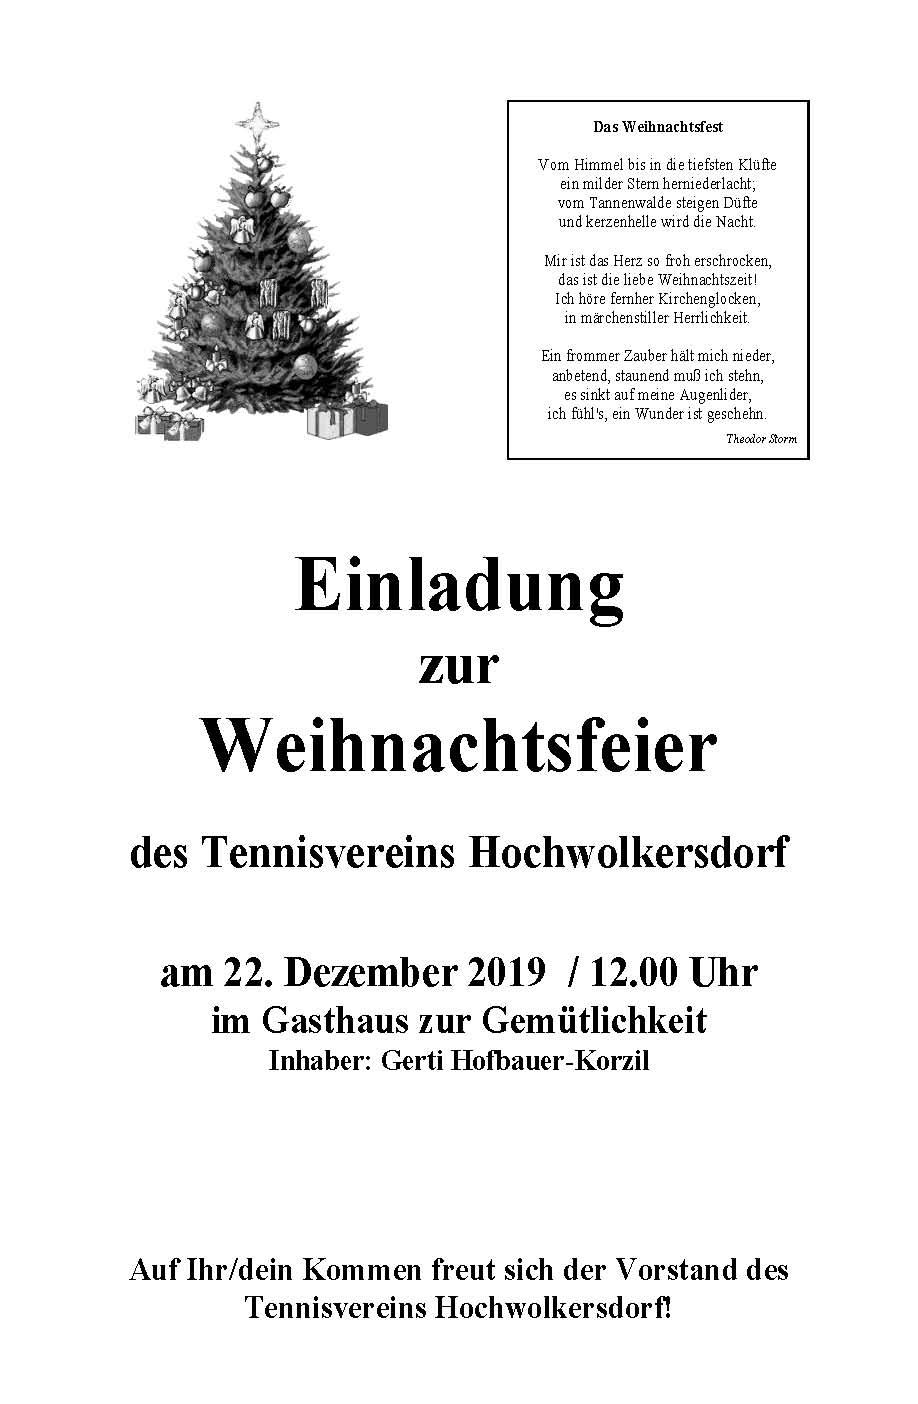 einladung_weihnachtsfeier_2019